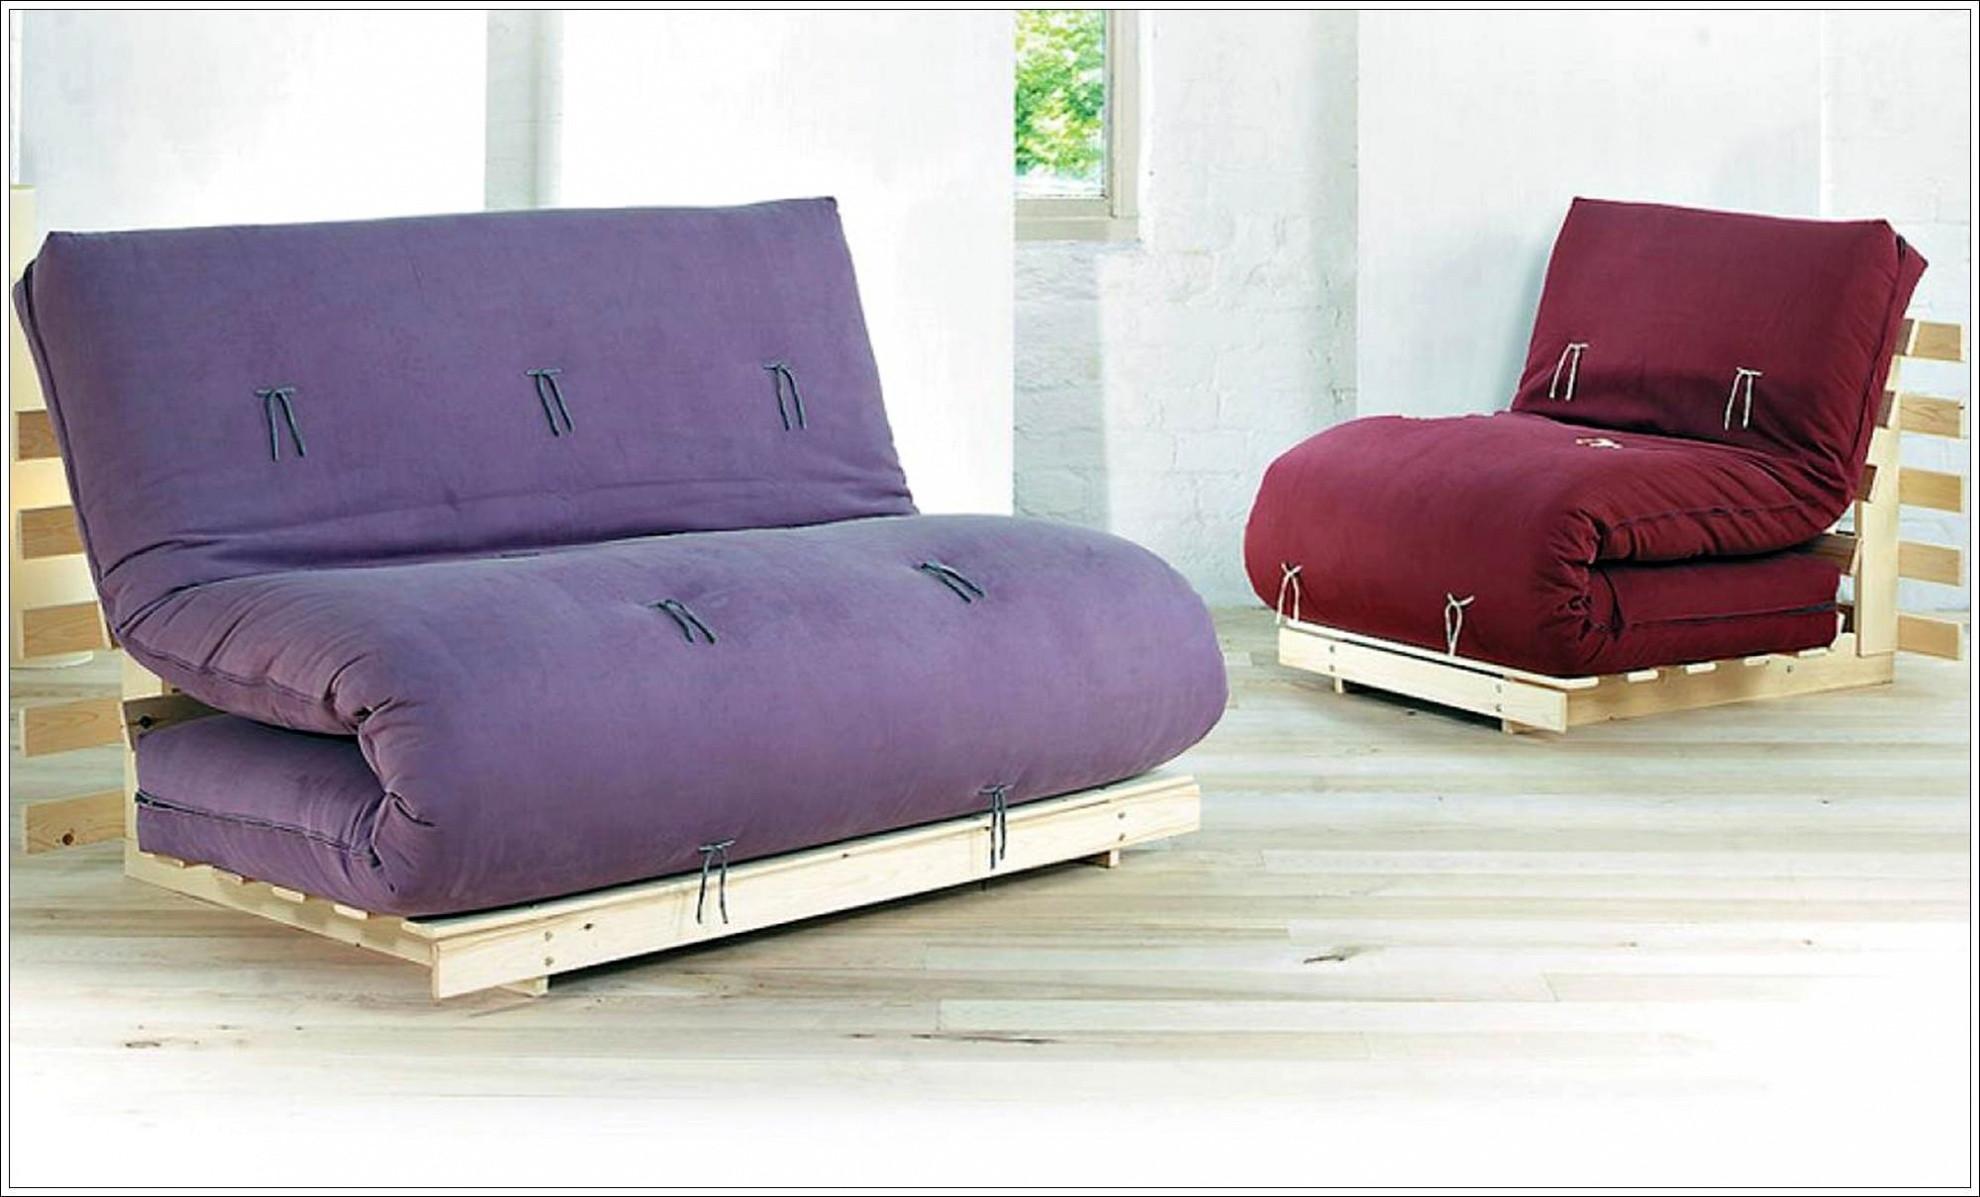 incroyable mezzo canape canape vintage marron modele de chaise chaise fauteuil fauteuil suggestions